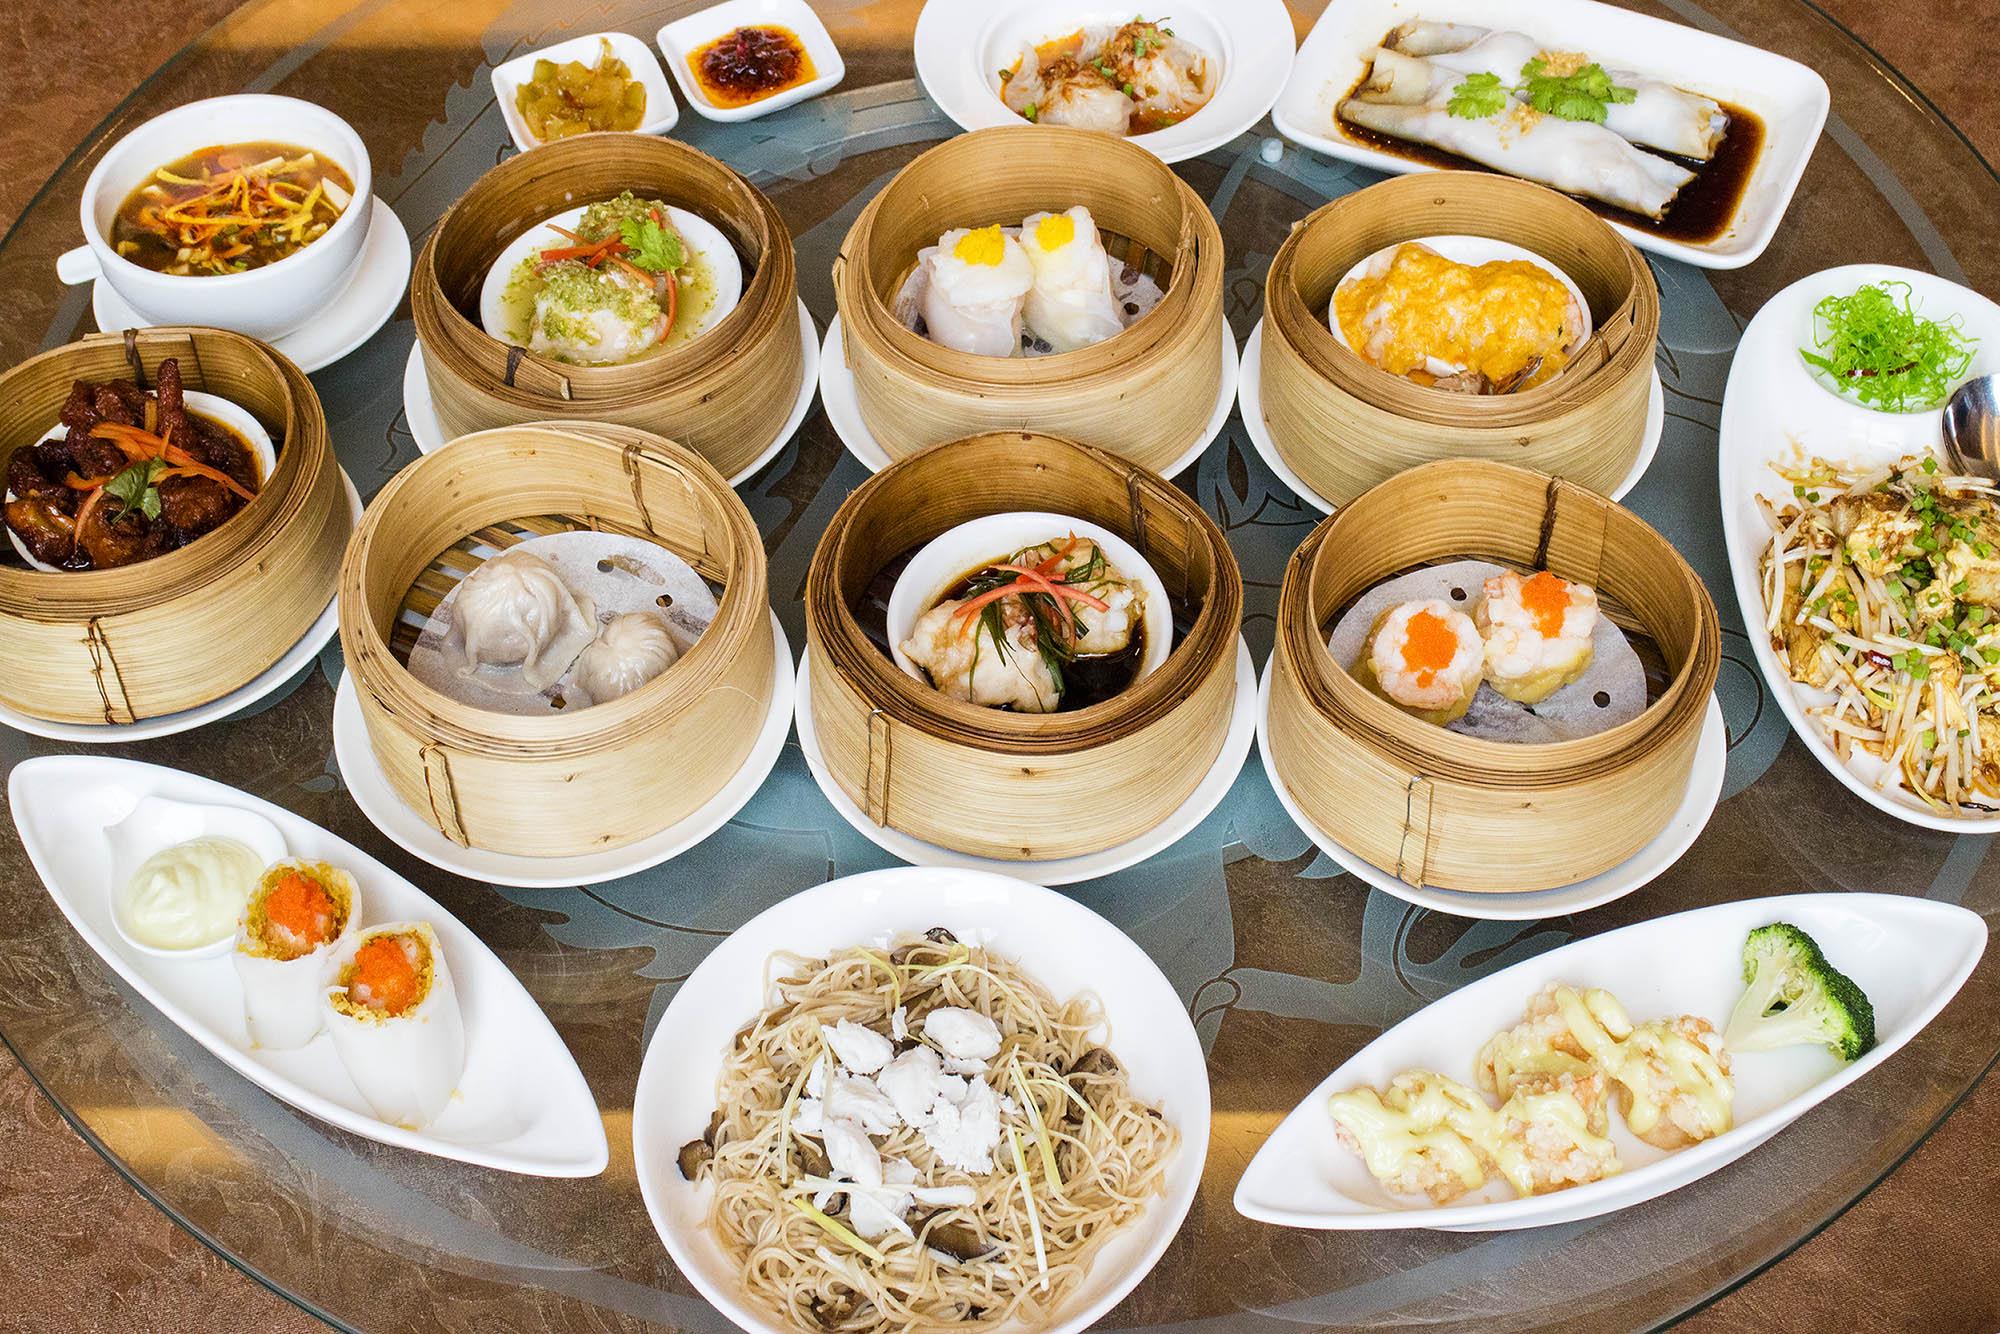 ห้องอาหารจีนหยู เห้อ  ห้องอาหารจีนหยู เห้อ สไตล์ฮ่องกง คุณภาพฮ่องเต้ IMG 0077